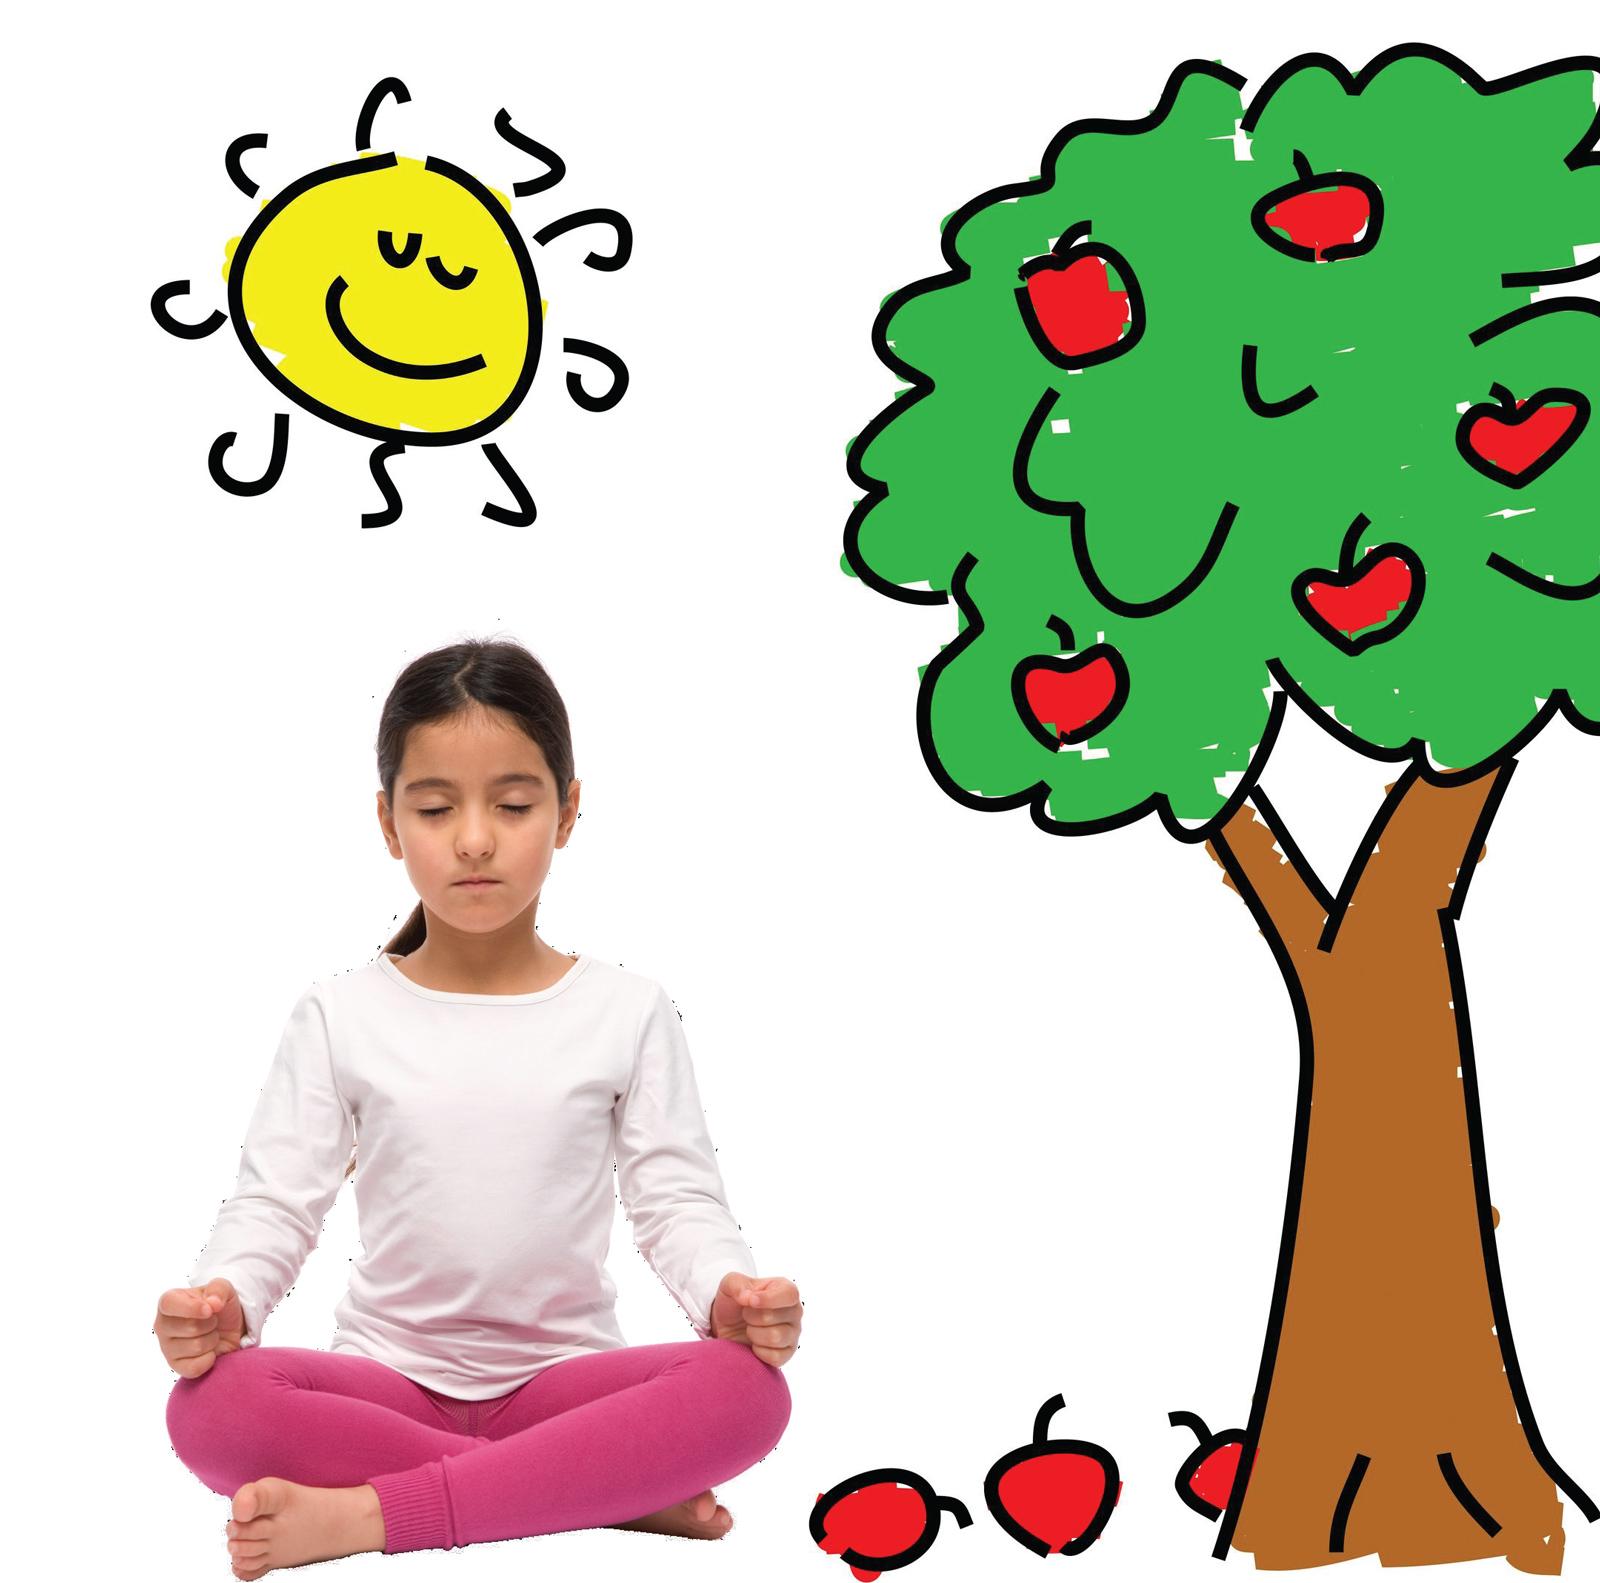 Meditate_3